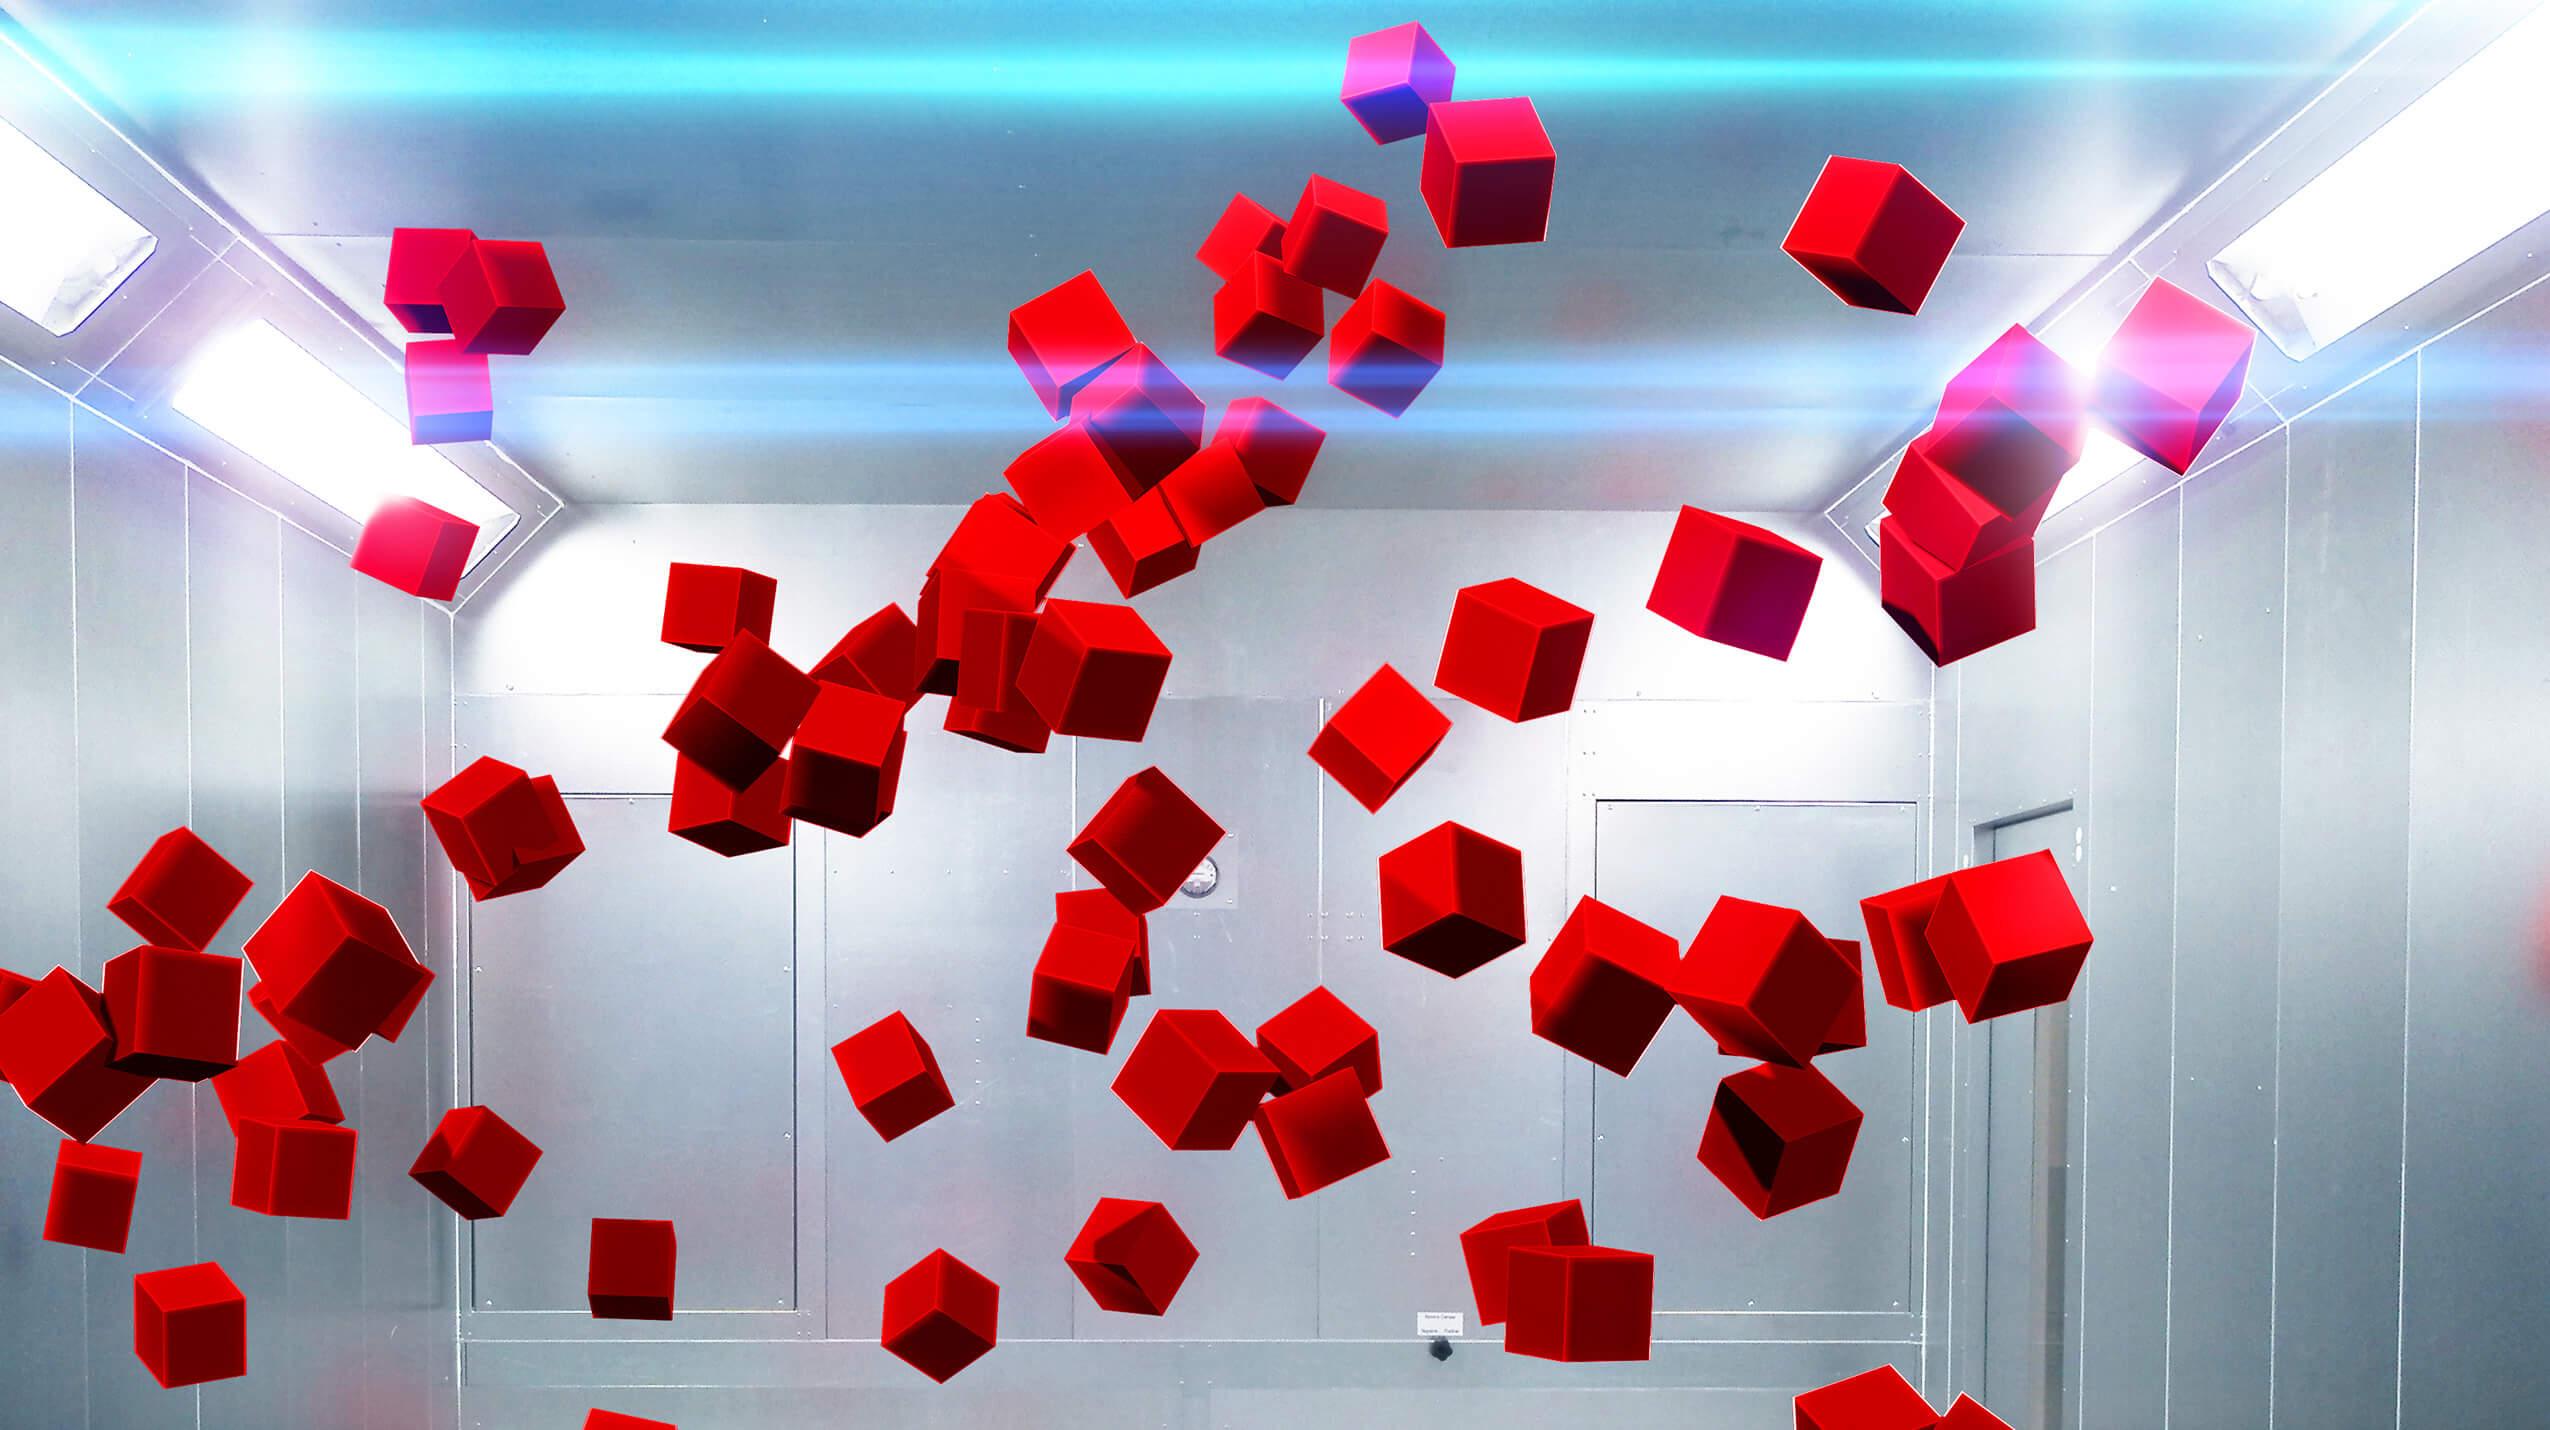 colourcube main image